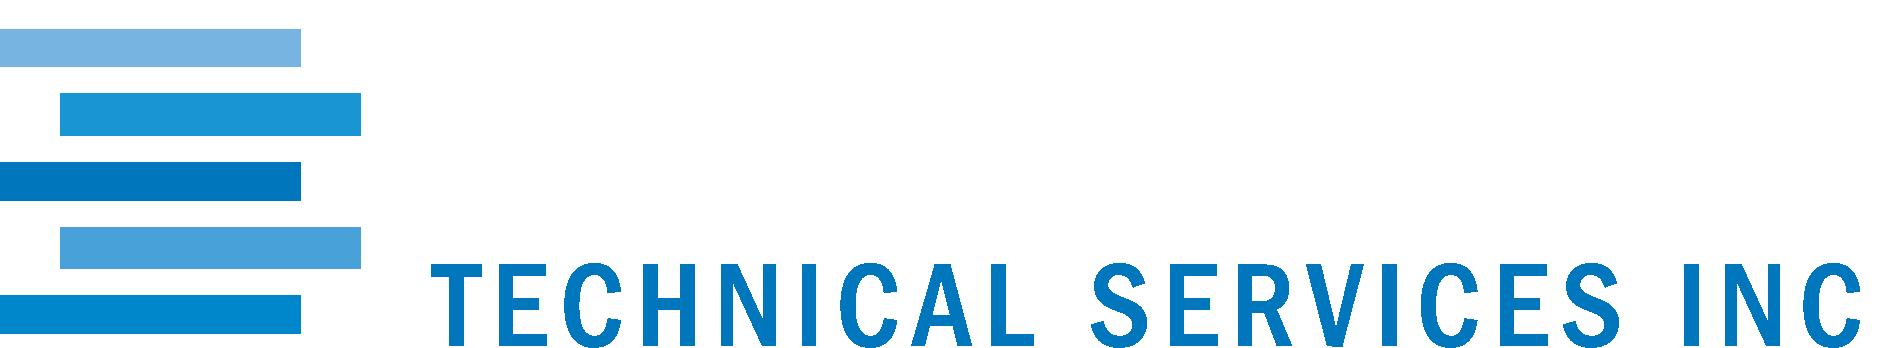 Wagnertech